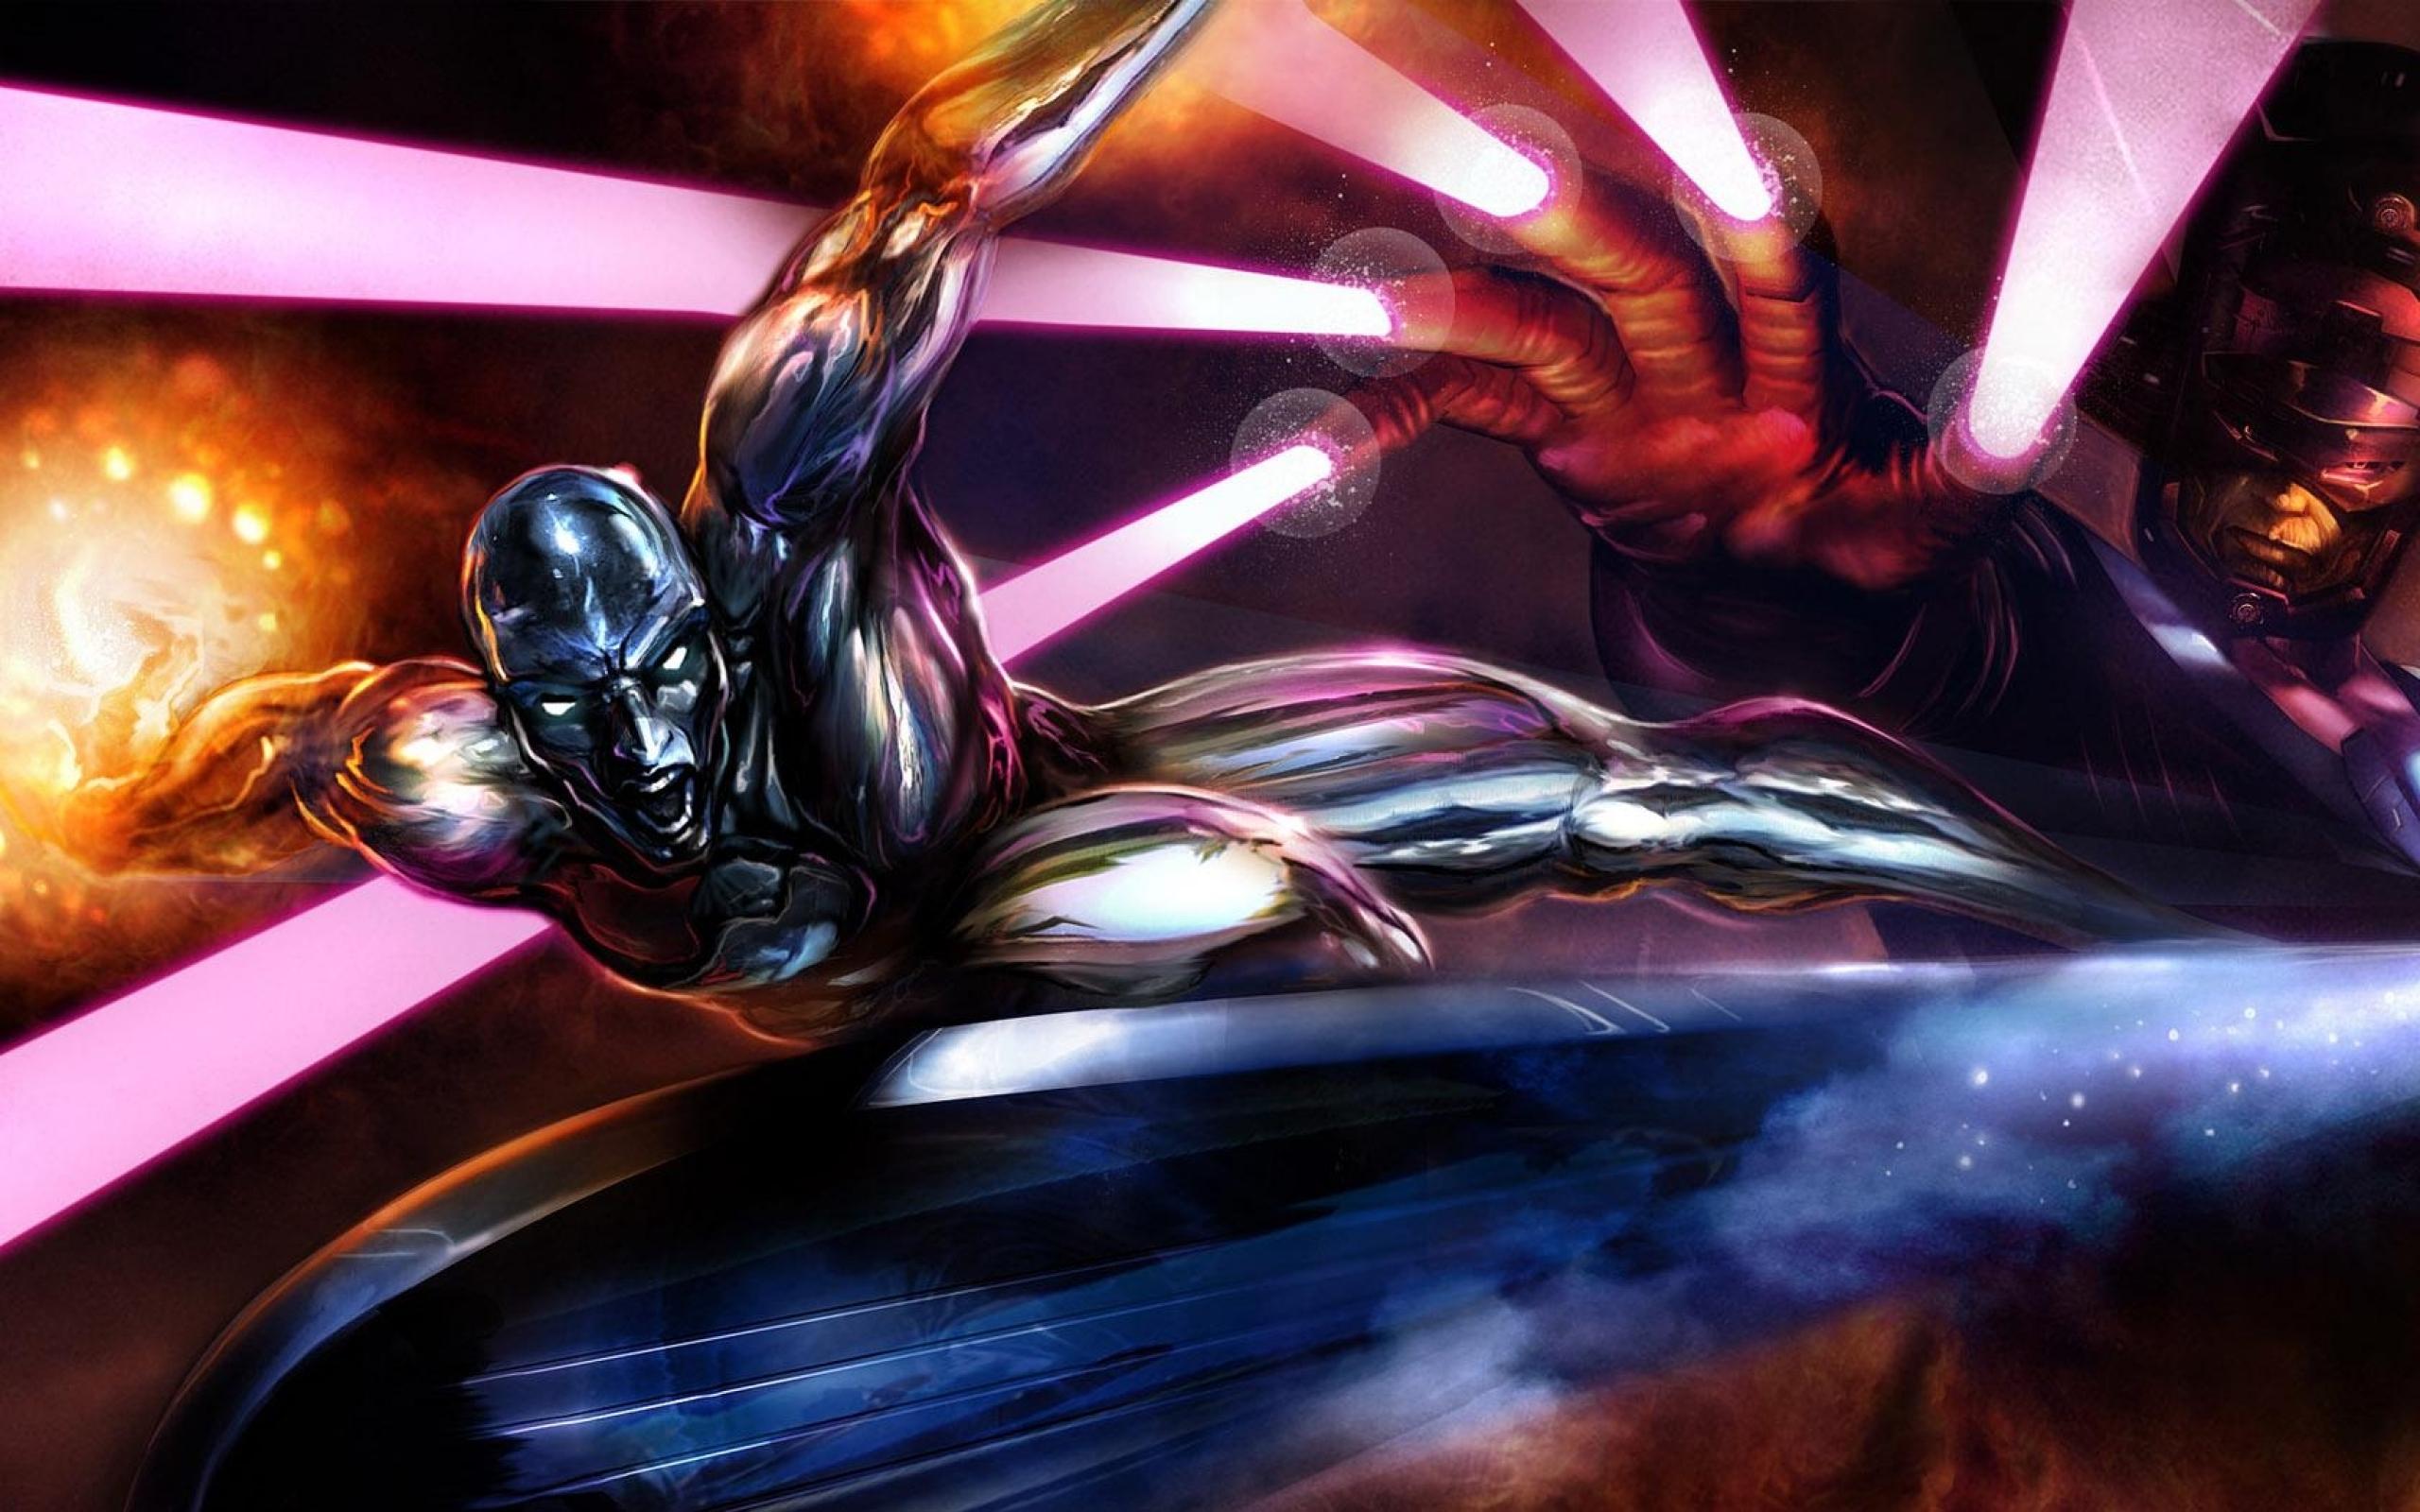 marvel comics galactus 1680x1050 wallpaper Art HD Wallpaper download 2560x1600